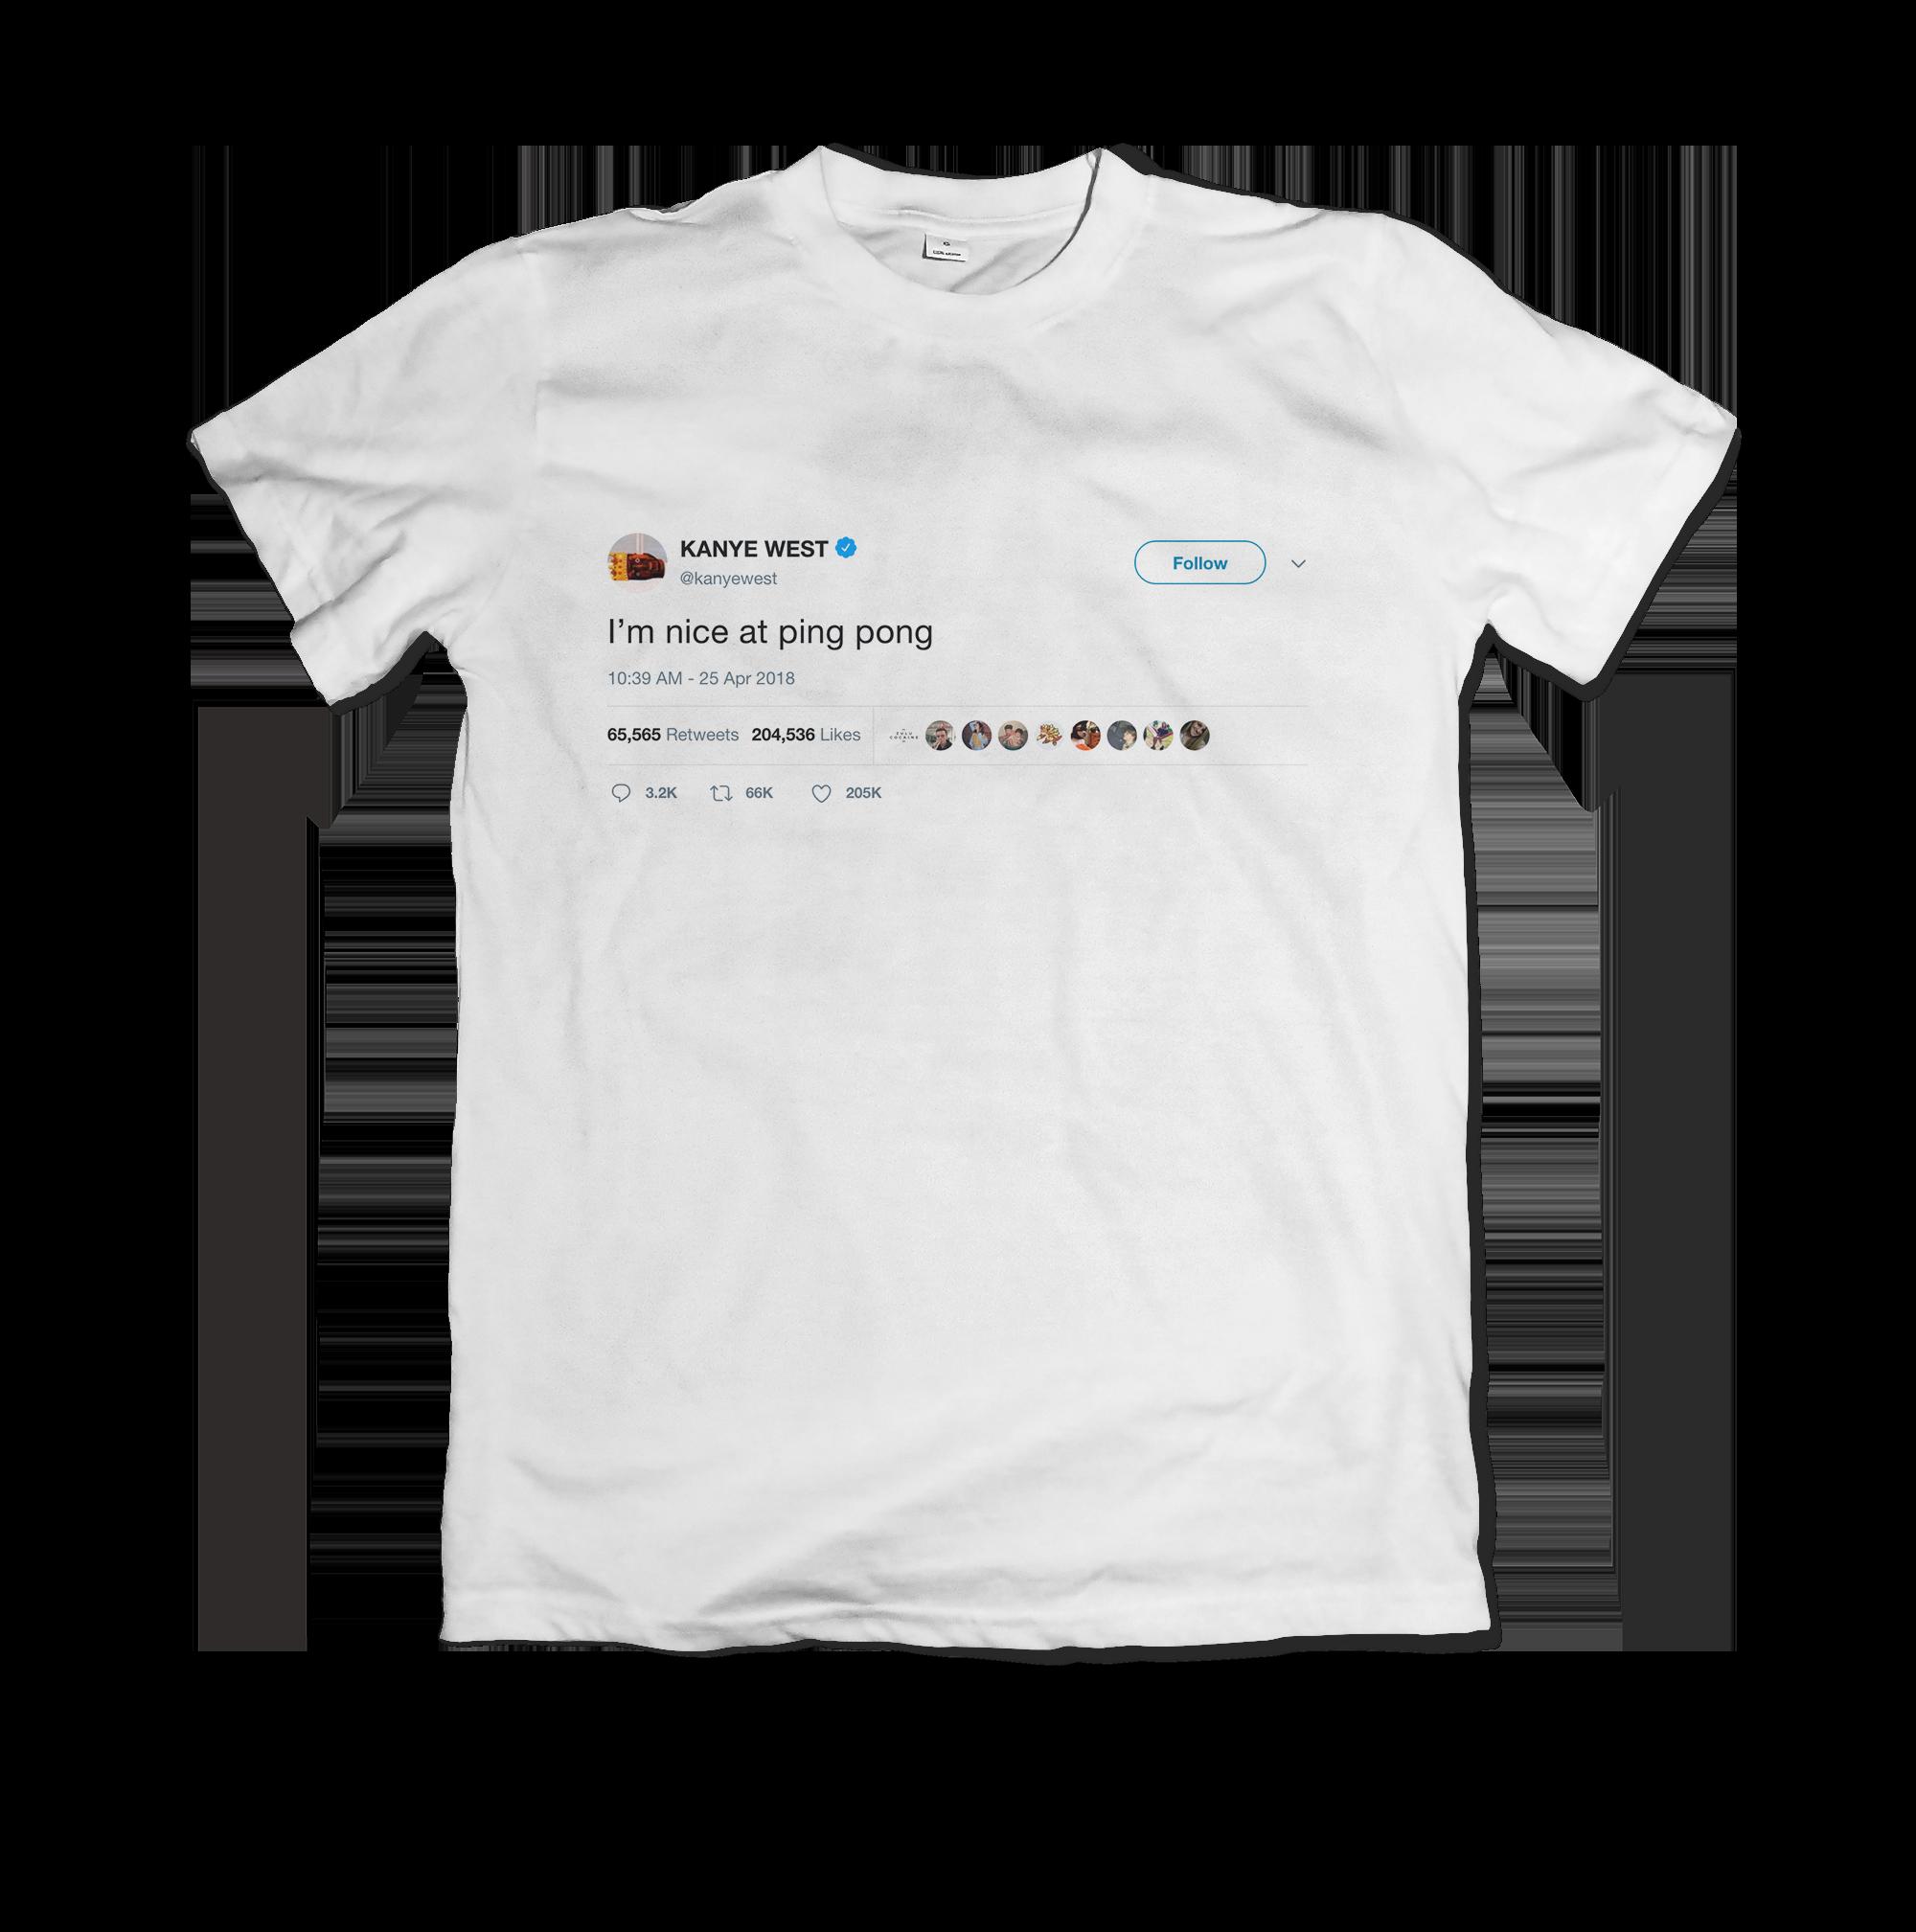 Kanye West Kanye West Kanye Shirts